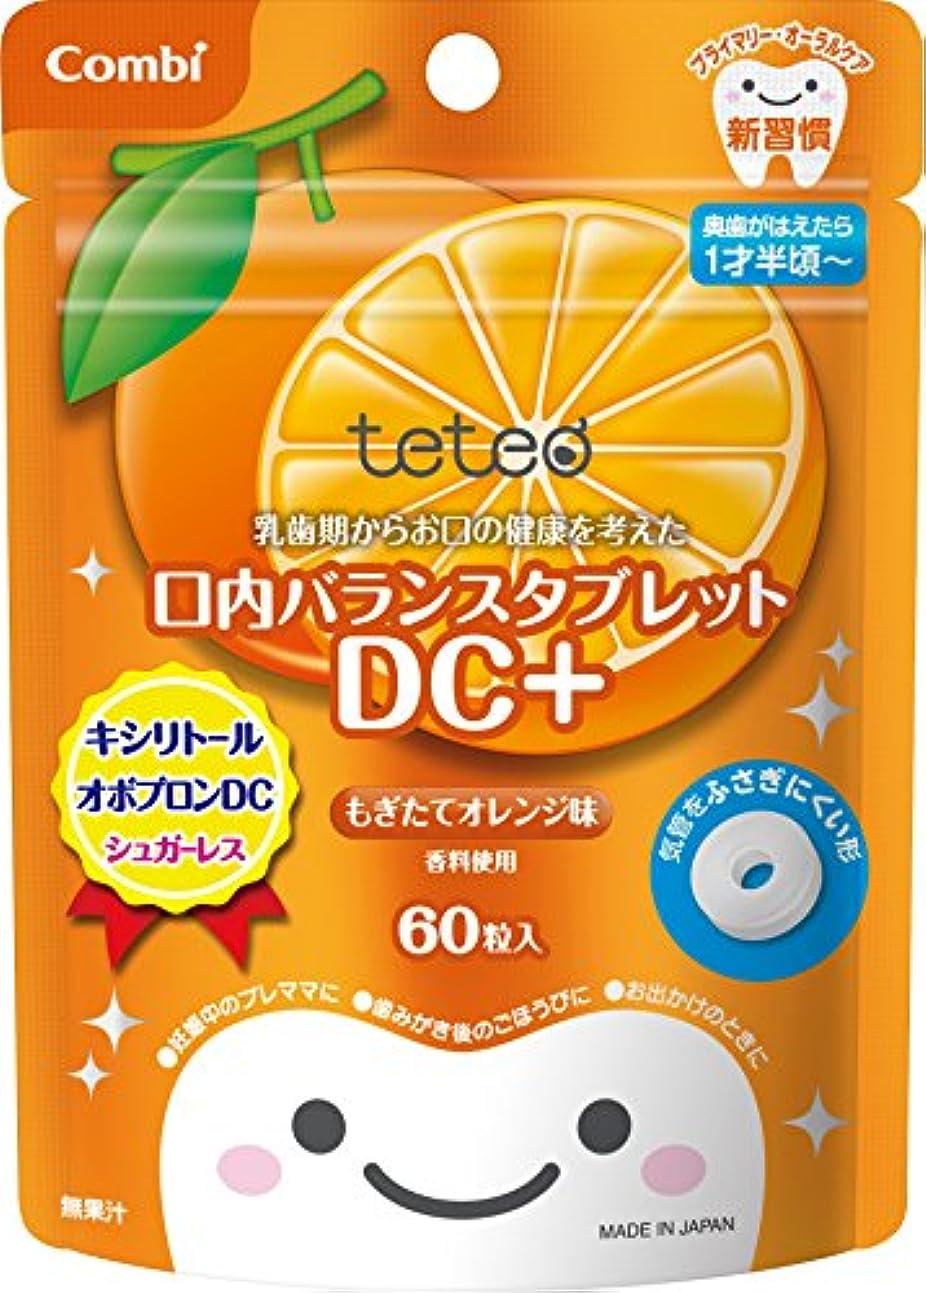 自宅でジャンル束コンビ テテオ 乳歯期からお口の健康を考えた 口内バランスタブレット DC+ もぎたてオレンジ味 60粒入